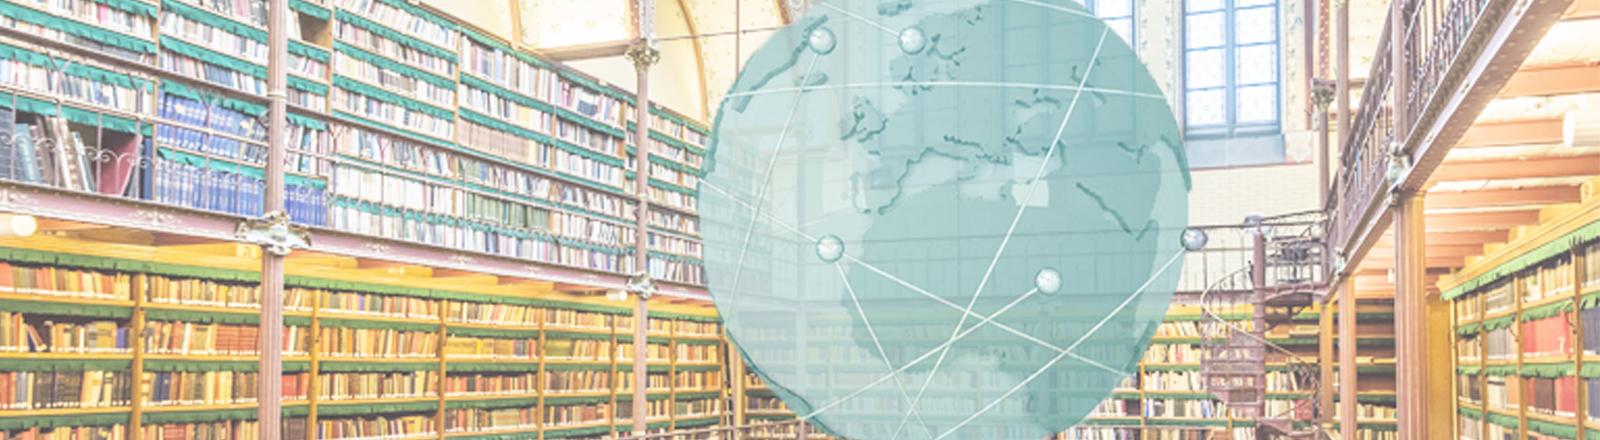 Globus auf dem Hintergrund der Cypers-Bibliothek im Rijksmuseum von Amsterdam Studium